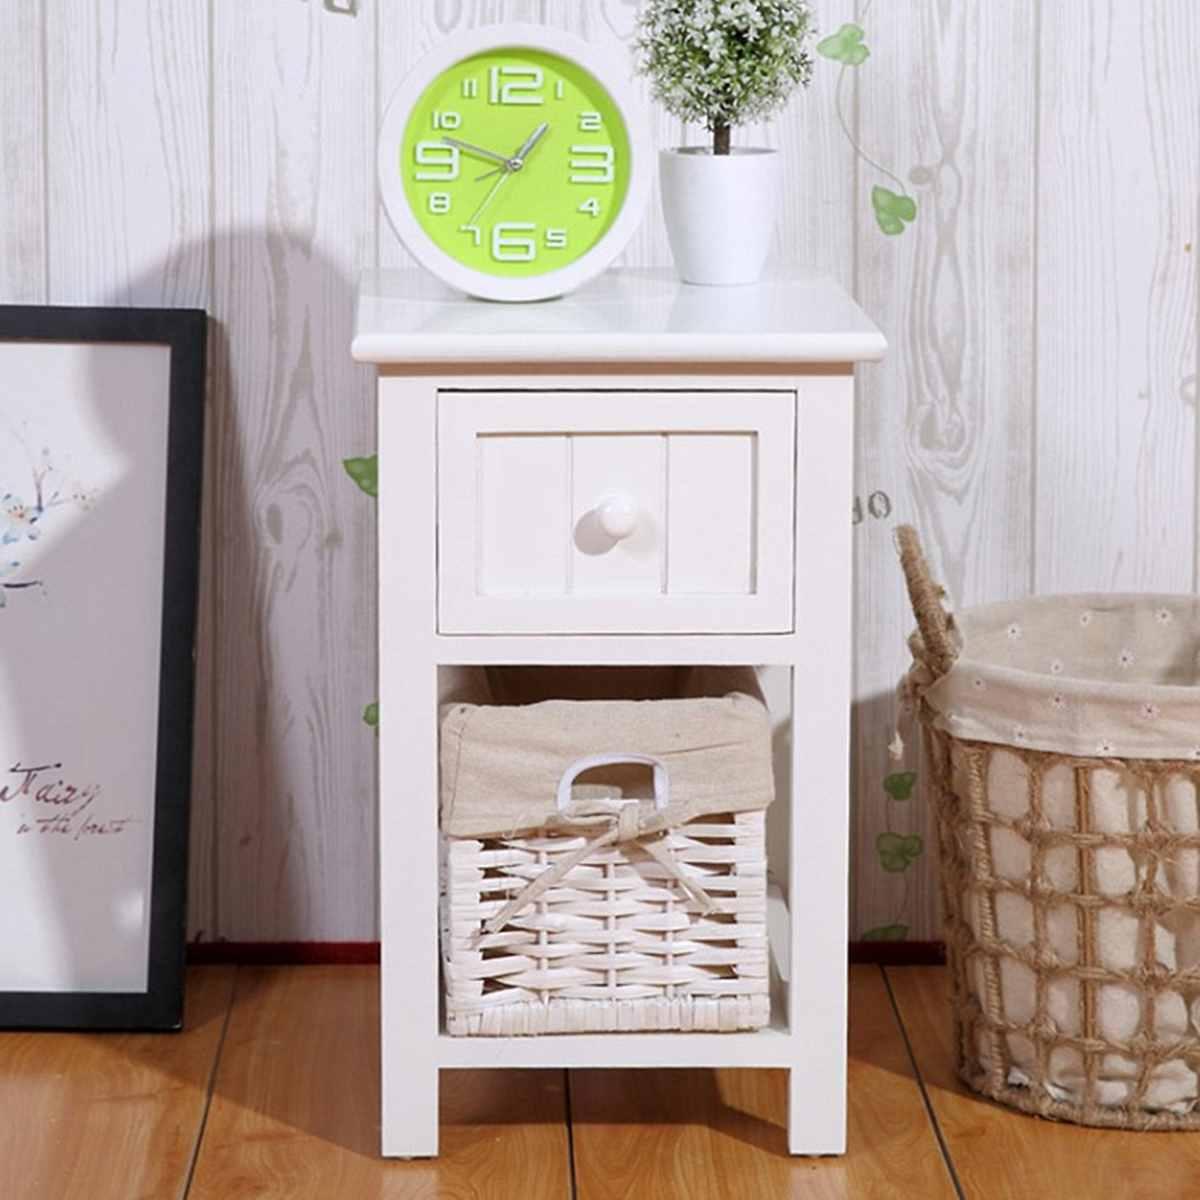 Fahion moderne en bois Tables de chevet armoire tiroirs chambre meubles maison dortoir stockage pastorale chevets 45X31X28 cm